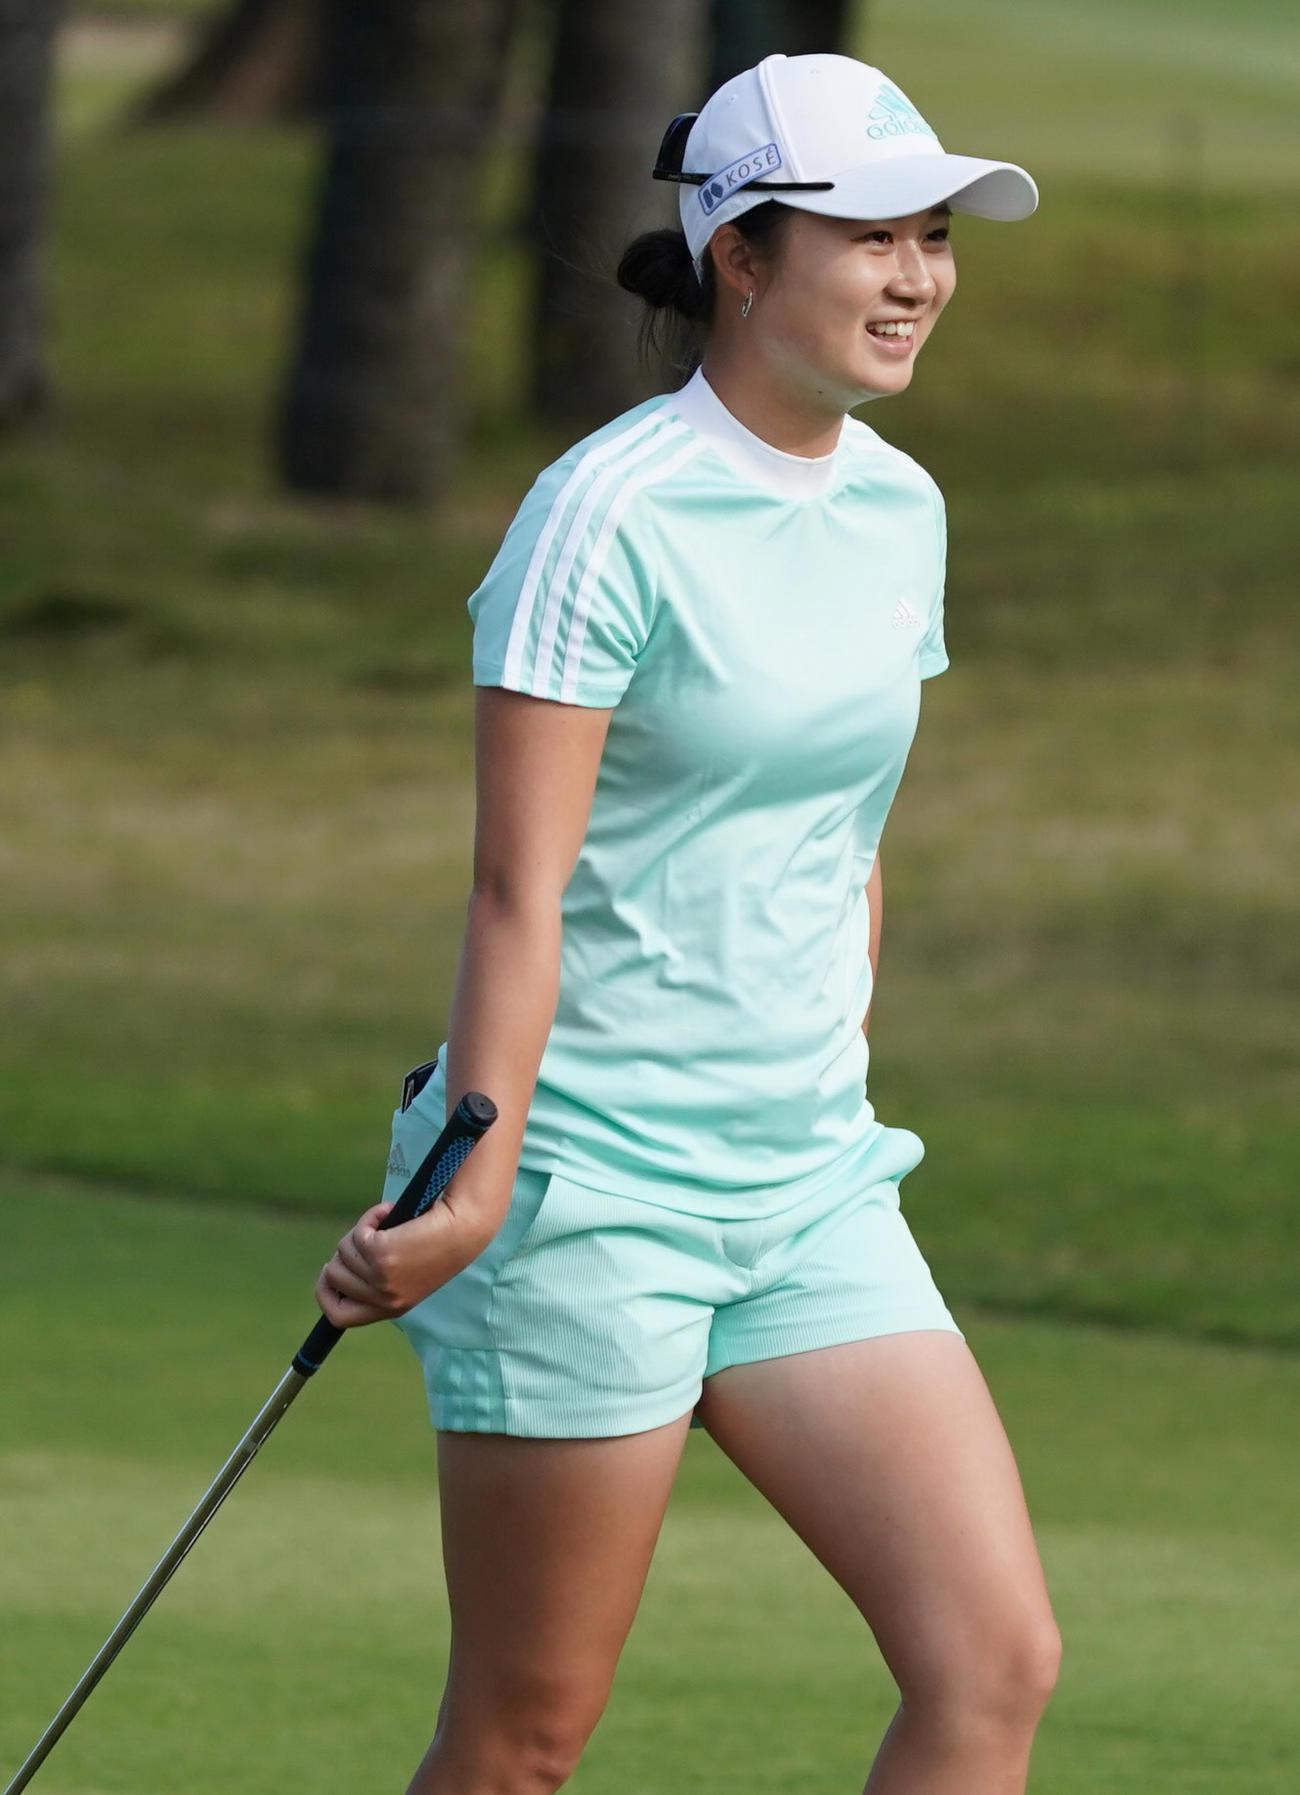 第34回ダイキンオーキッドレディスゴルフトーナメント第2日 18番、第2打を放ち笑顔をみせる森田遥(撮影・清水貴仁)